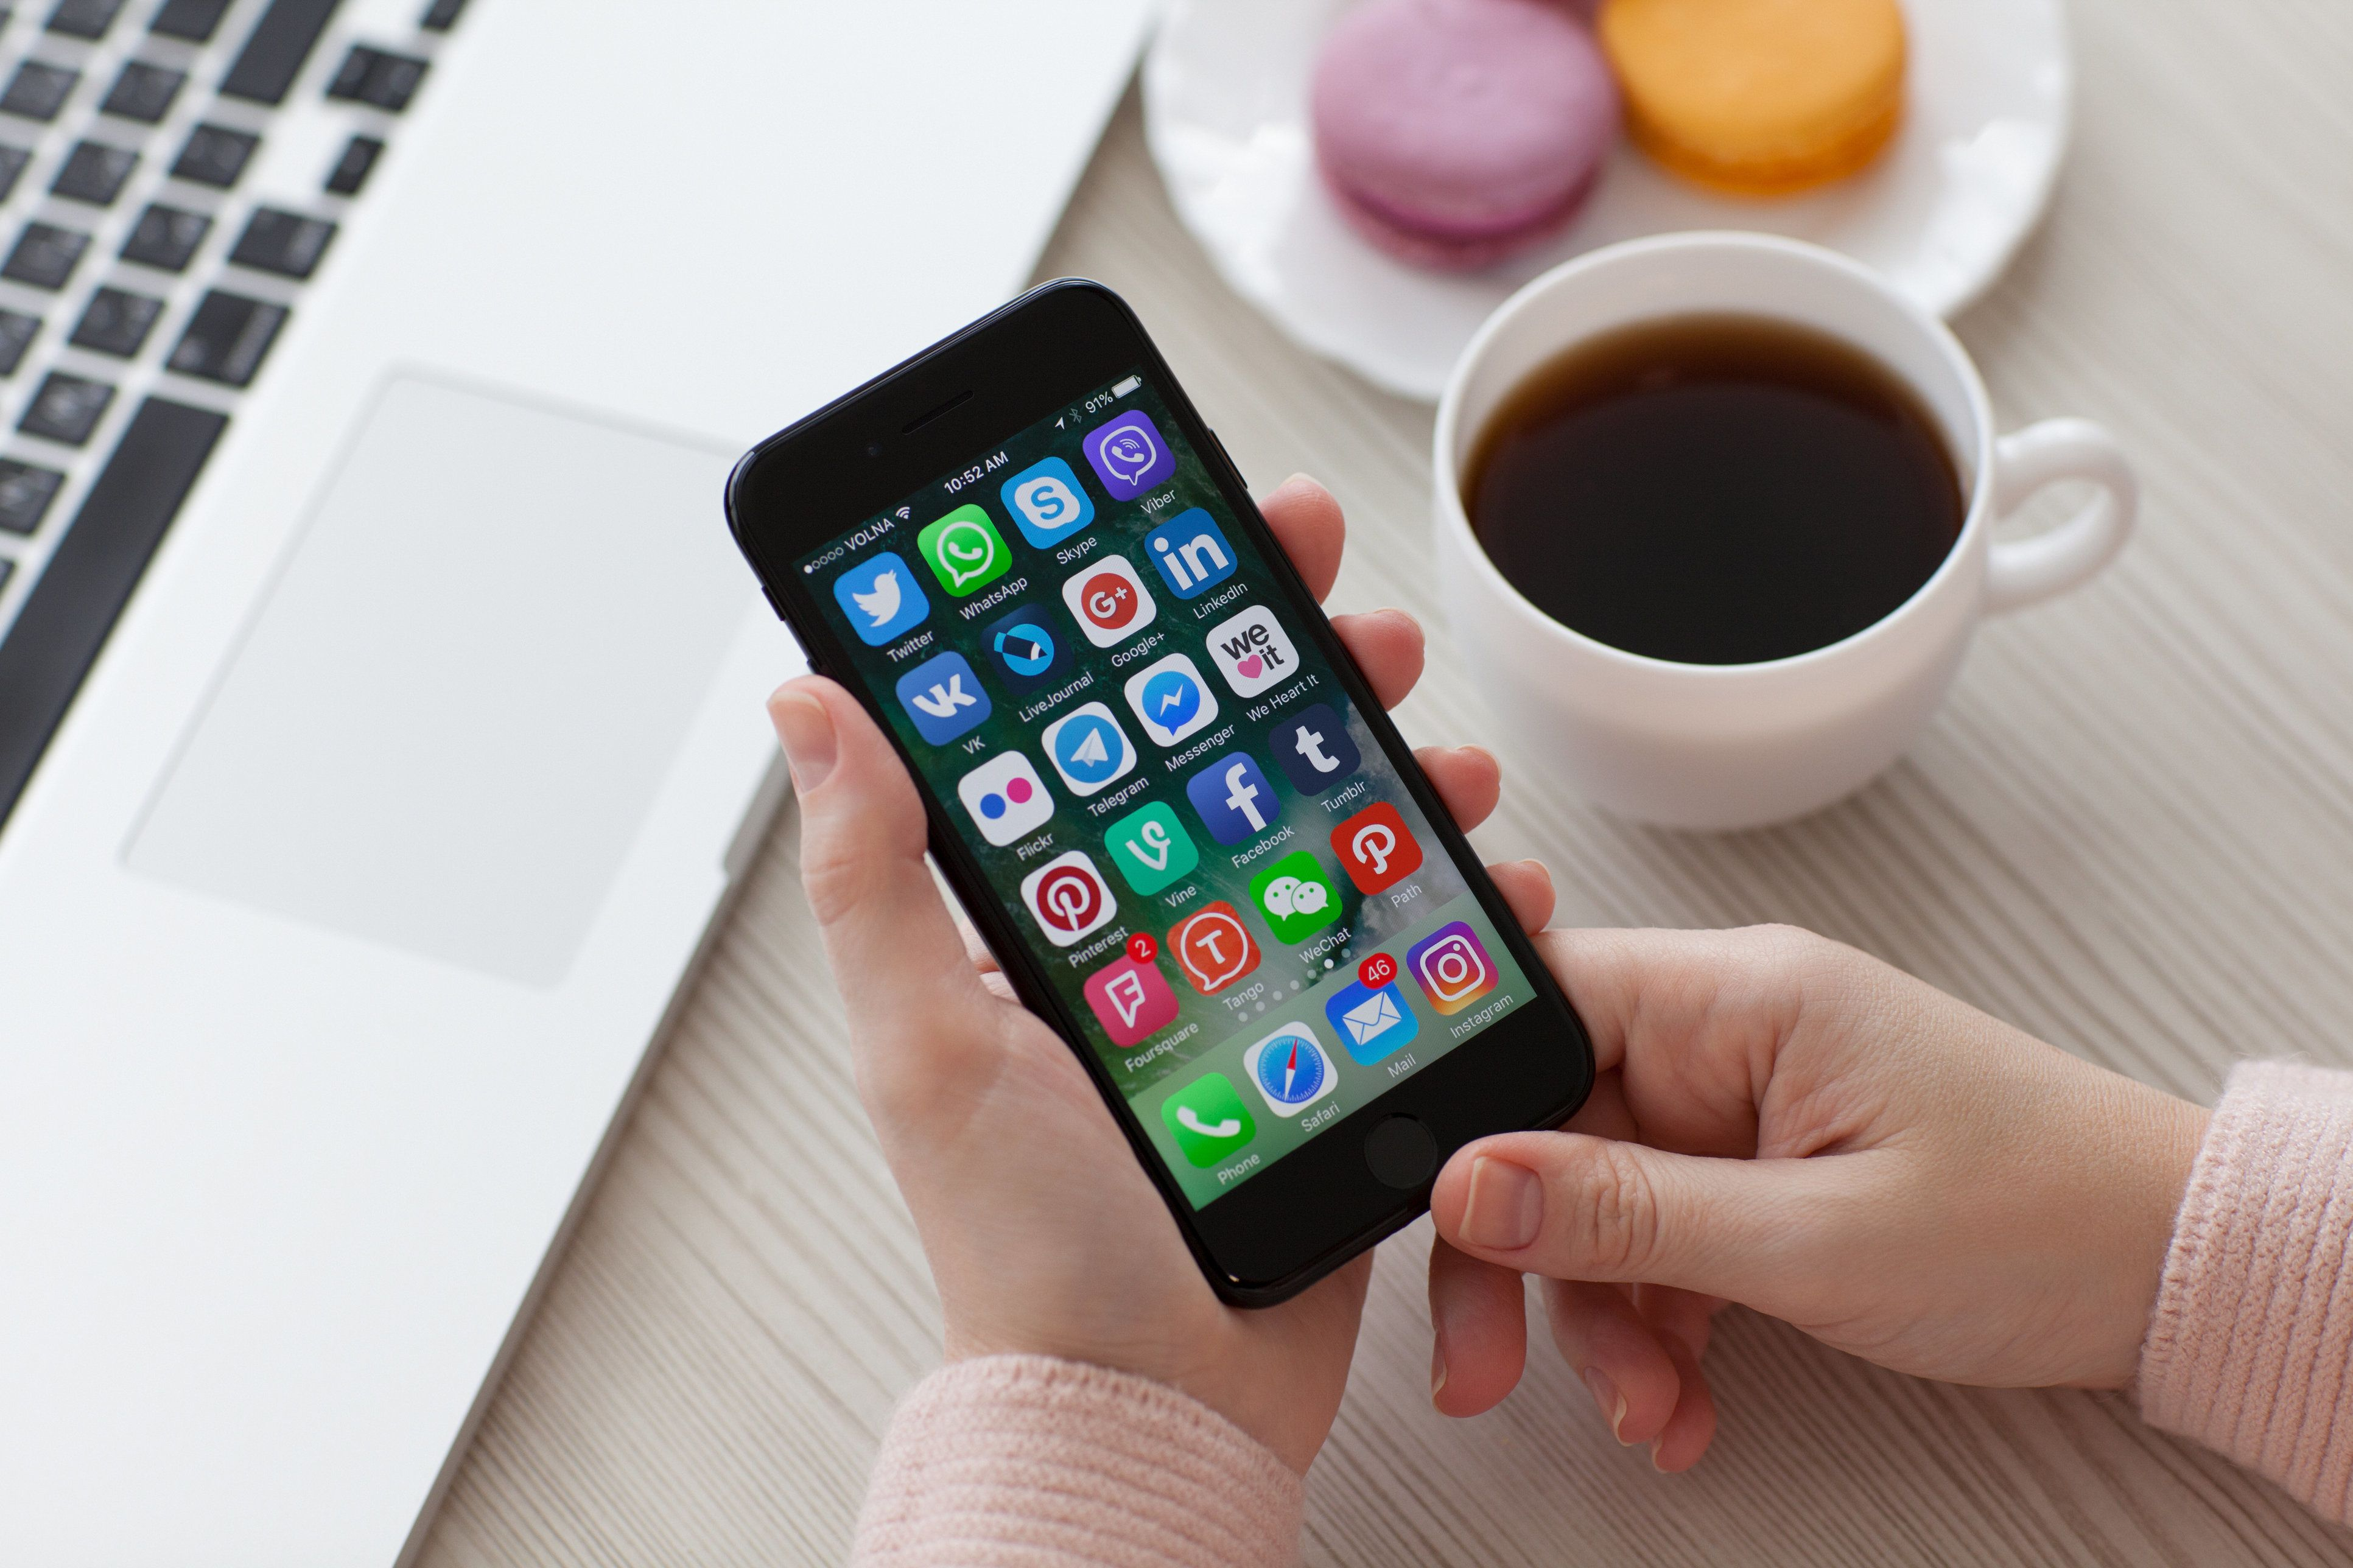 Vielen Handy-Nutzern ist nicht ganz klar, welche Möglichkeiten es mittlerweile gibt, sie